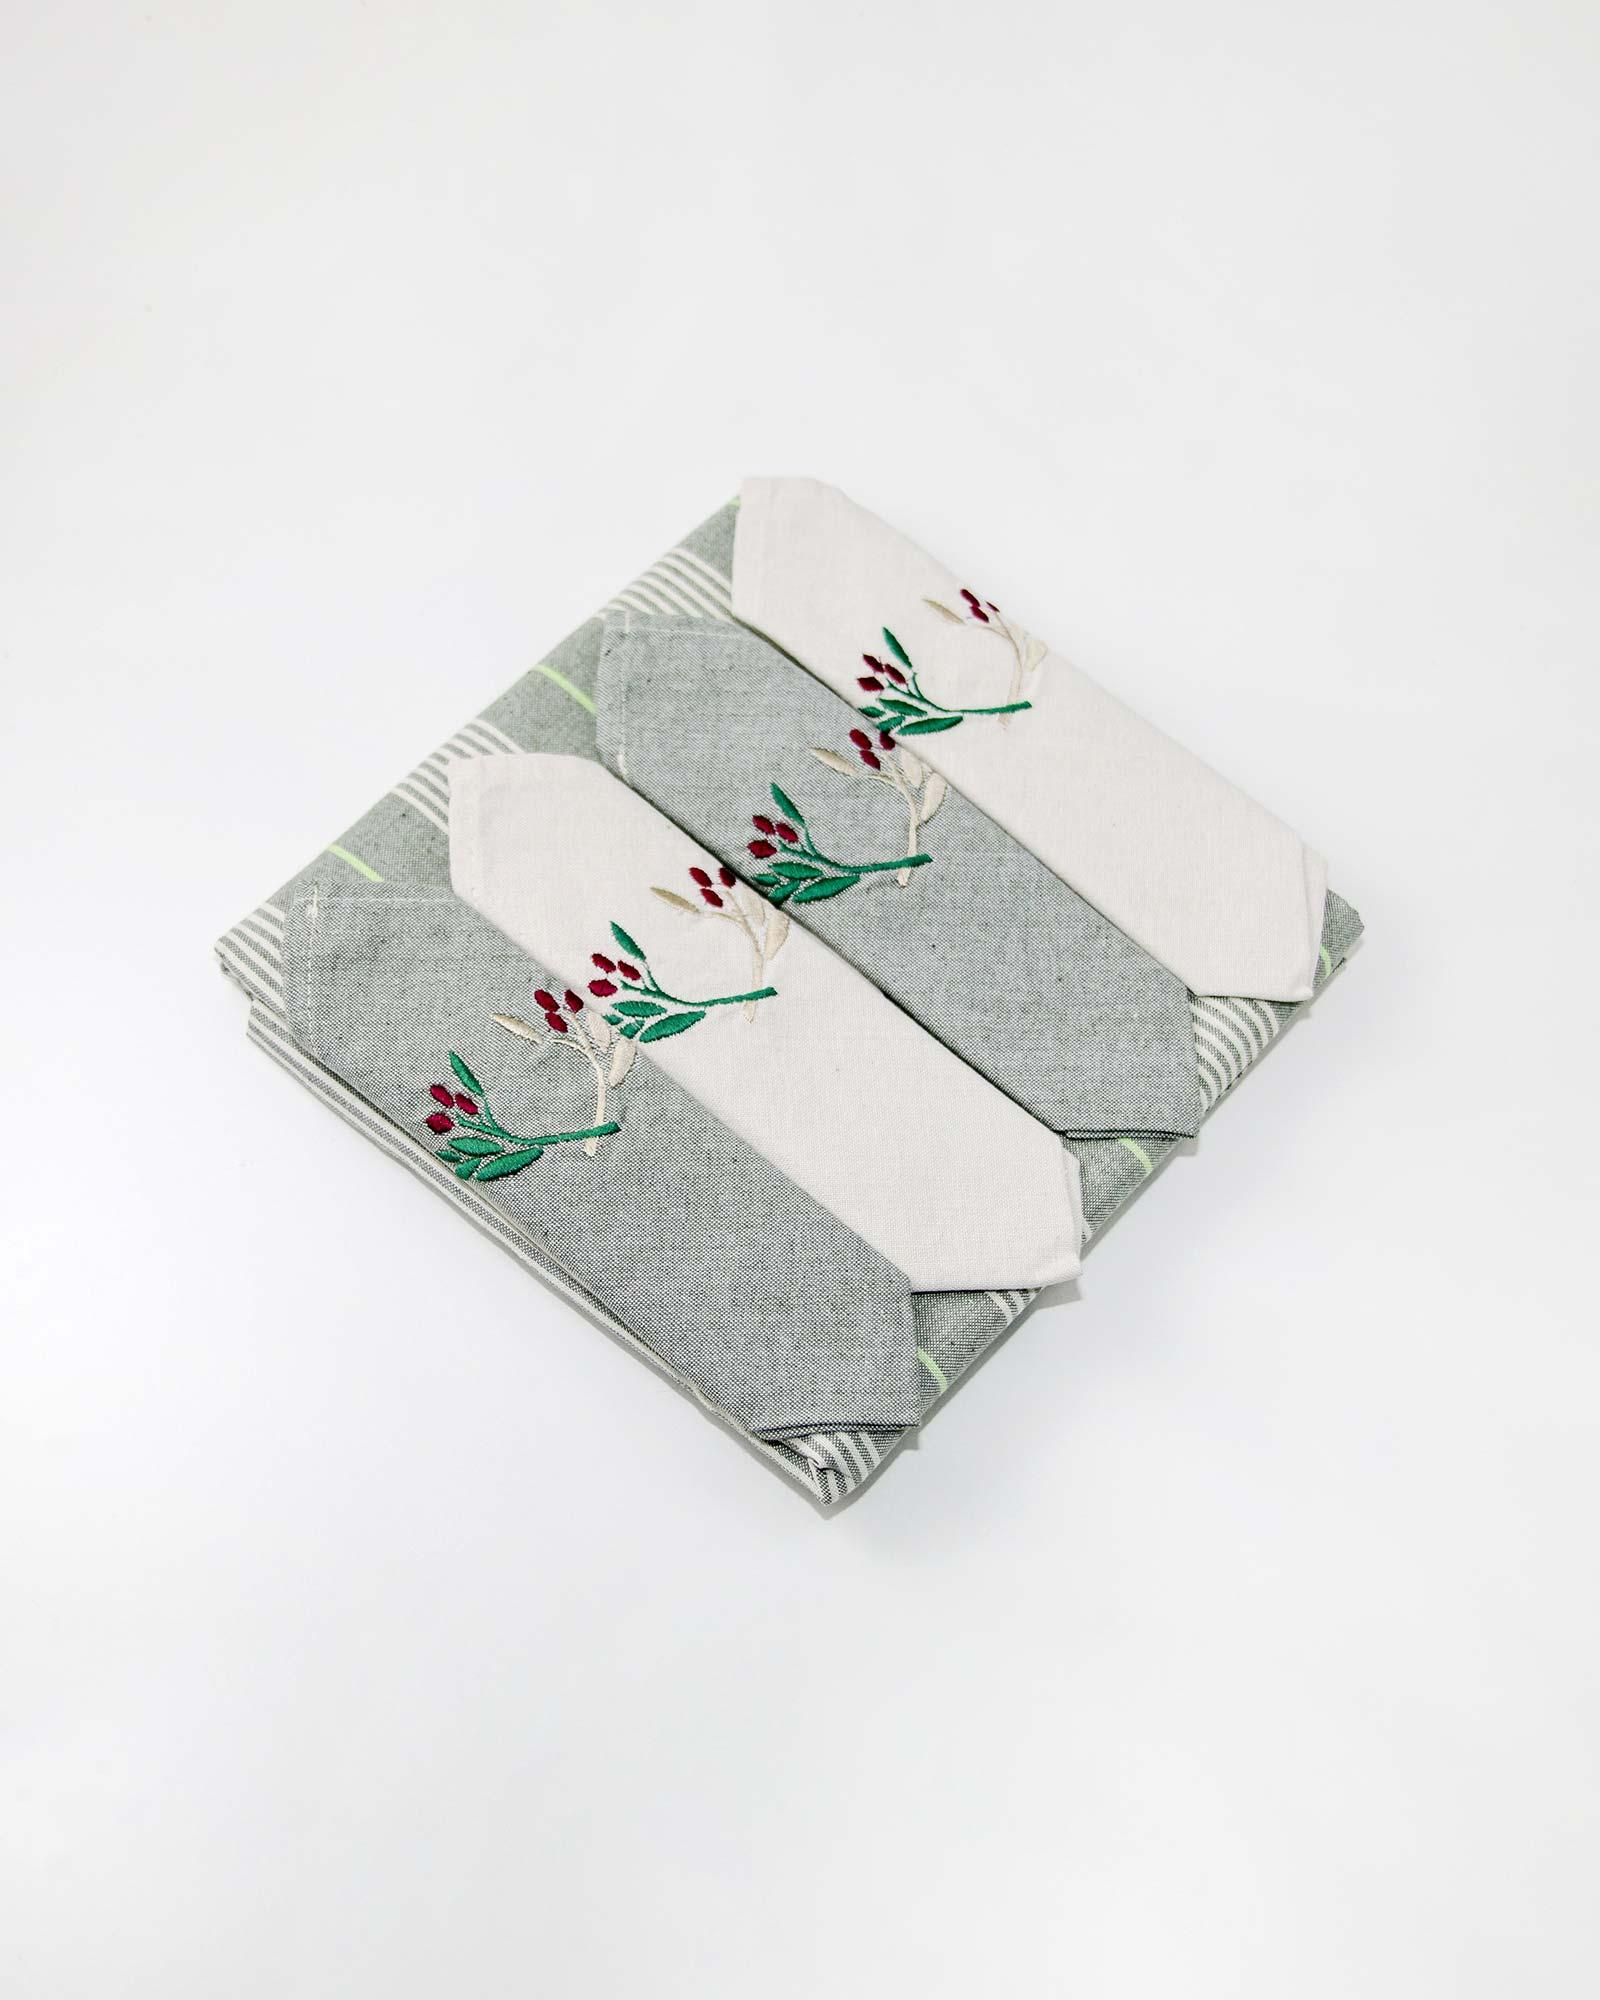 Τραπεζομάντηλο με πετσέτες φαγητού